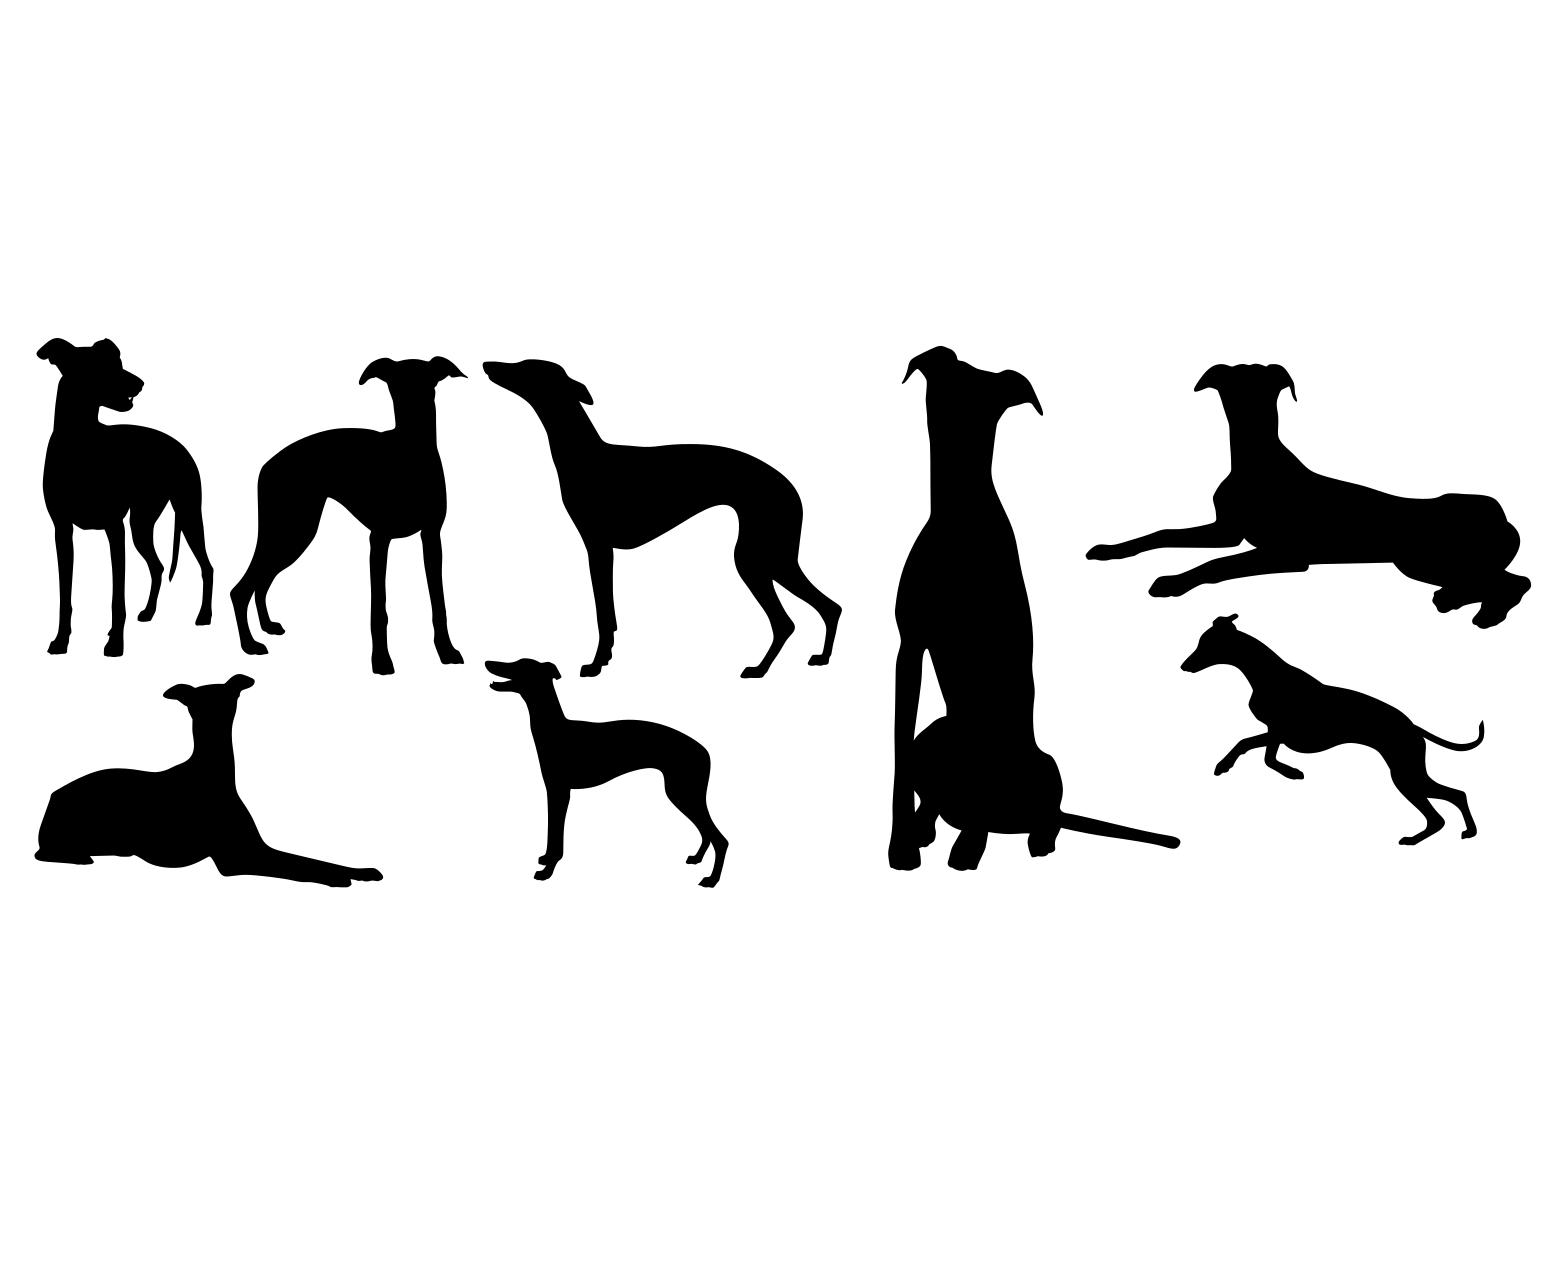 Komplet naklejek psy wyżły 8sztuk 45cm  x 30cm